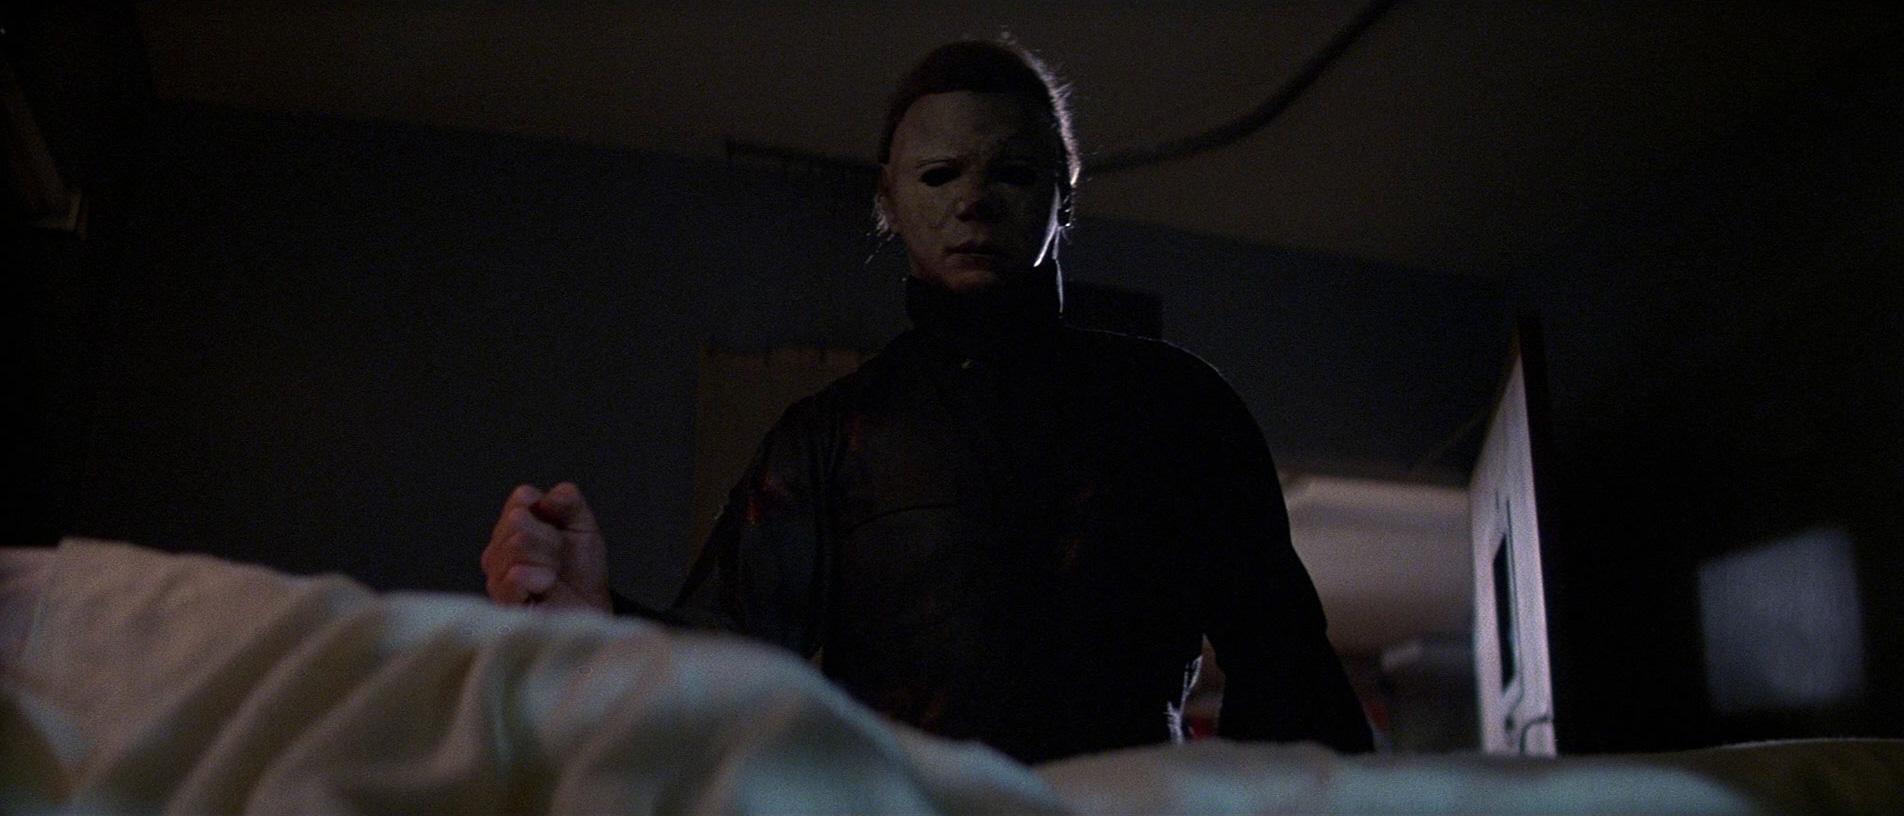 halloween ii 2 - Halloween 2 1981 Full Movie